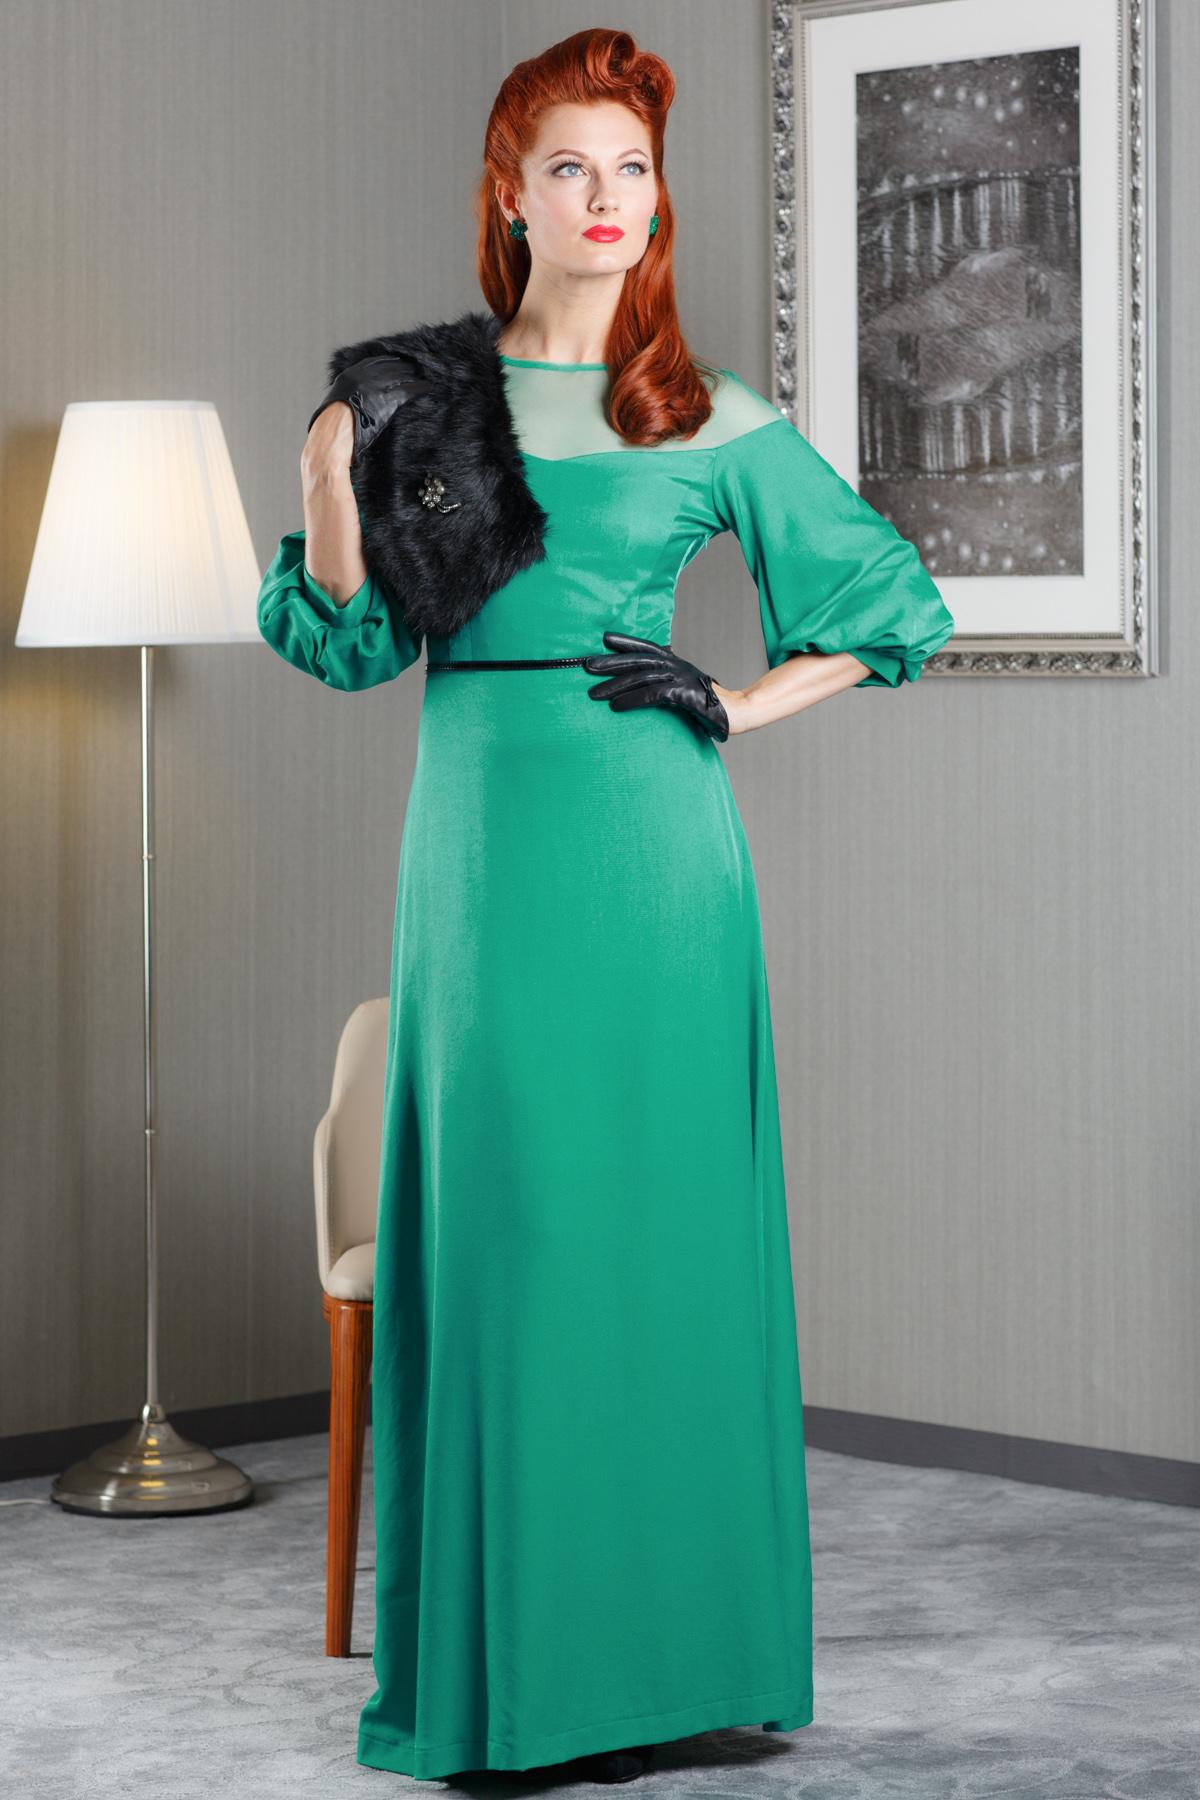 ПлатьеПлатья<br>Элегантное женское платье в пол. Модель выполнена из плотного материала. Отличный выбор для любого торжества. Пояс в комплект не входит  Цвет: зеленый<br><br>Горловина: С- горловина<br>По длине: Макси<br>По материалу: Вискоза,Тканевые<br>По образу: Город,Свидание,Выход в свет<br>По рисунку: Однотонные<br>По сезону: Весна,Всесезон,Зима,Лето,Осень<br>По силуэту: Полуприталенные<br>Рукав: Рукав три четверти<br>По форме: Платье - футляр<br>По стилю: Молодежный стиль,Нарядный стиль<br>Размер : 42,44,46,48<br>Материал: Атлас + Гипюровая сетка<br>Количество в наличии: 3